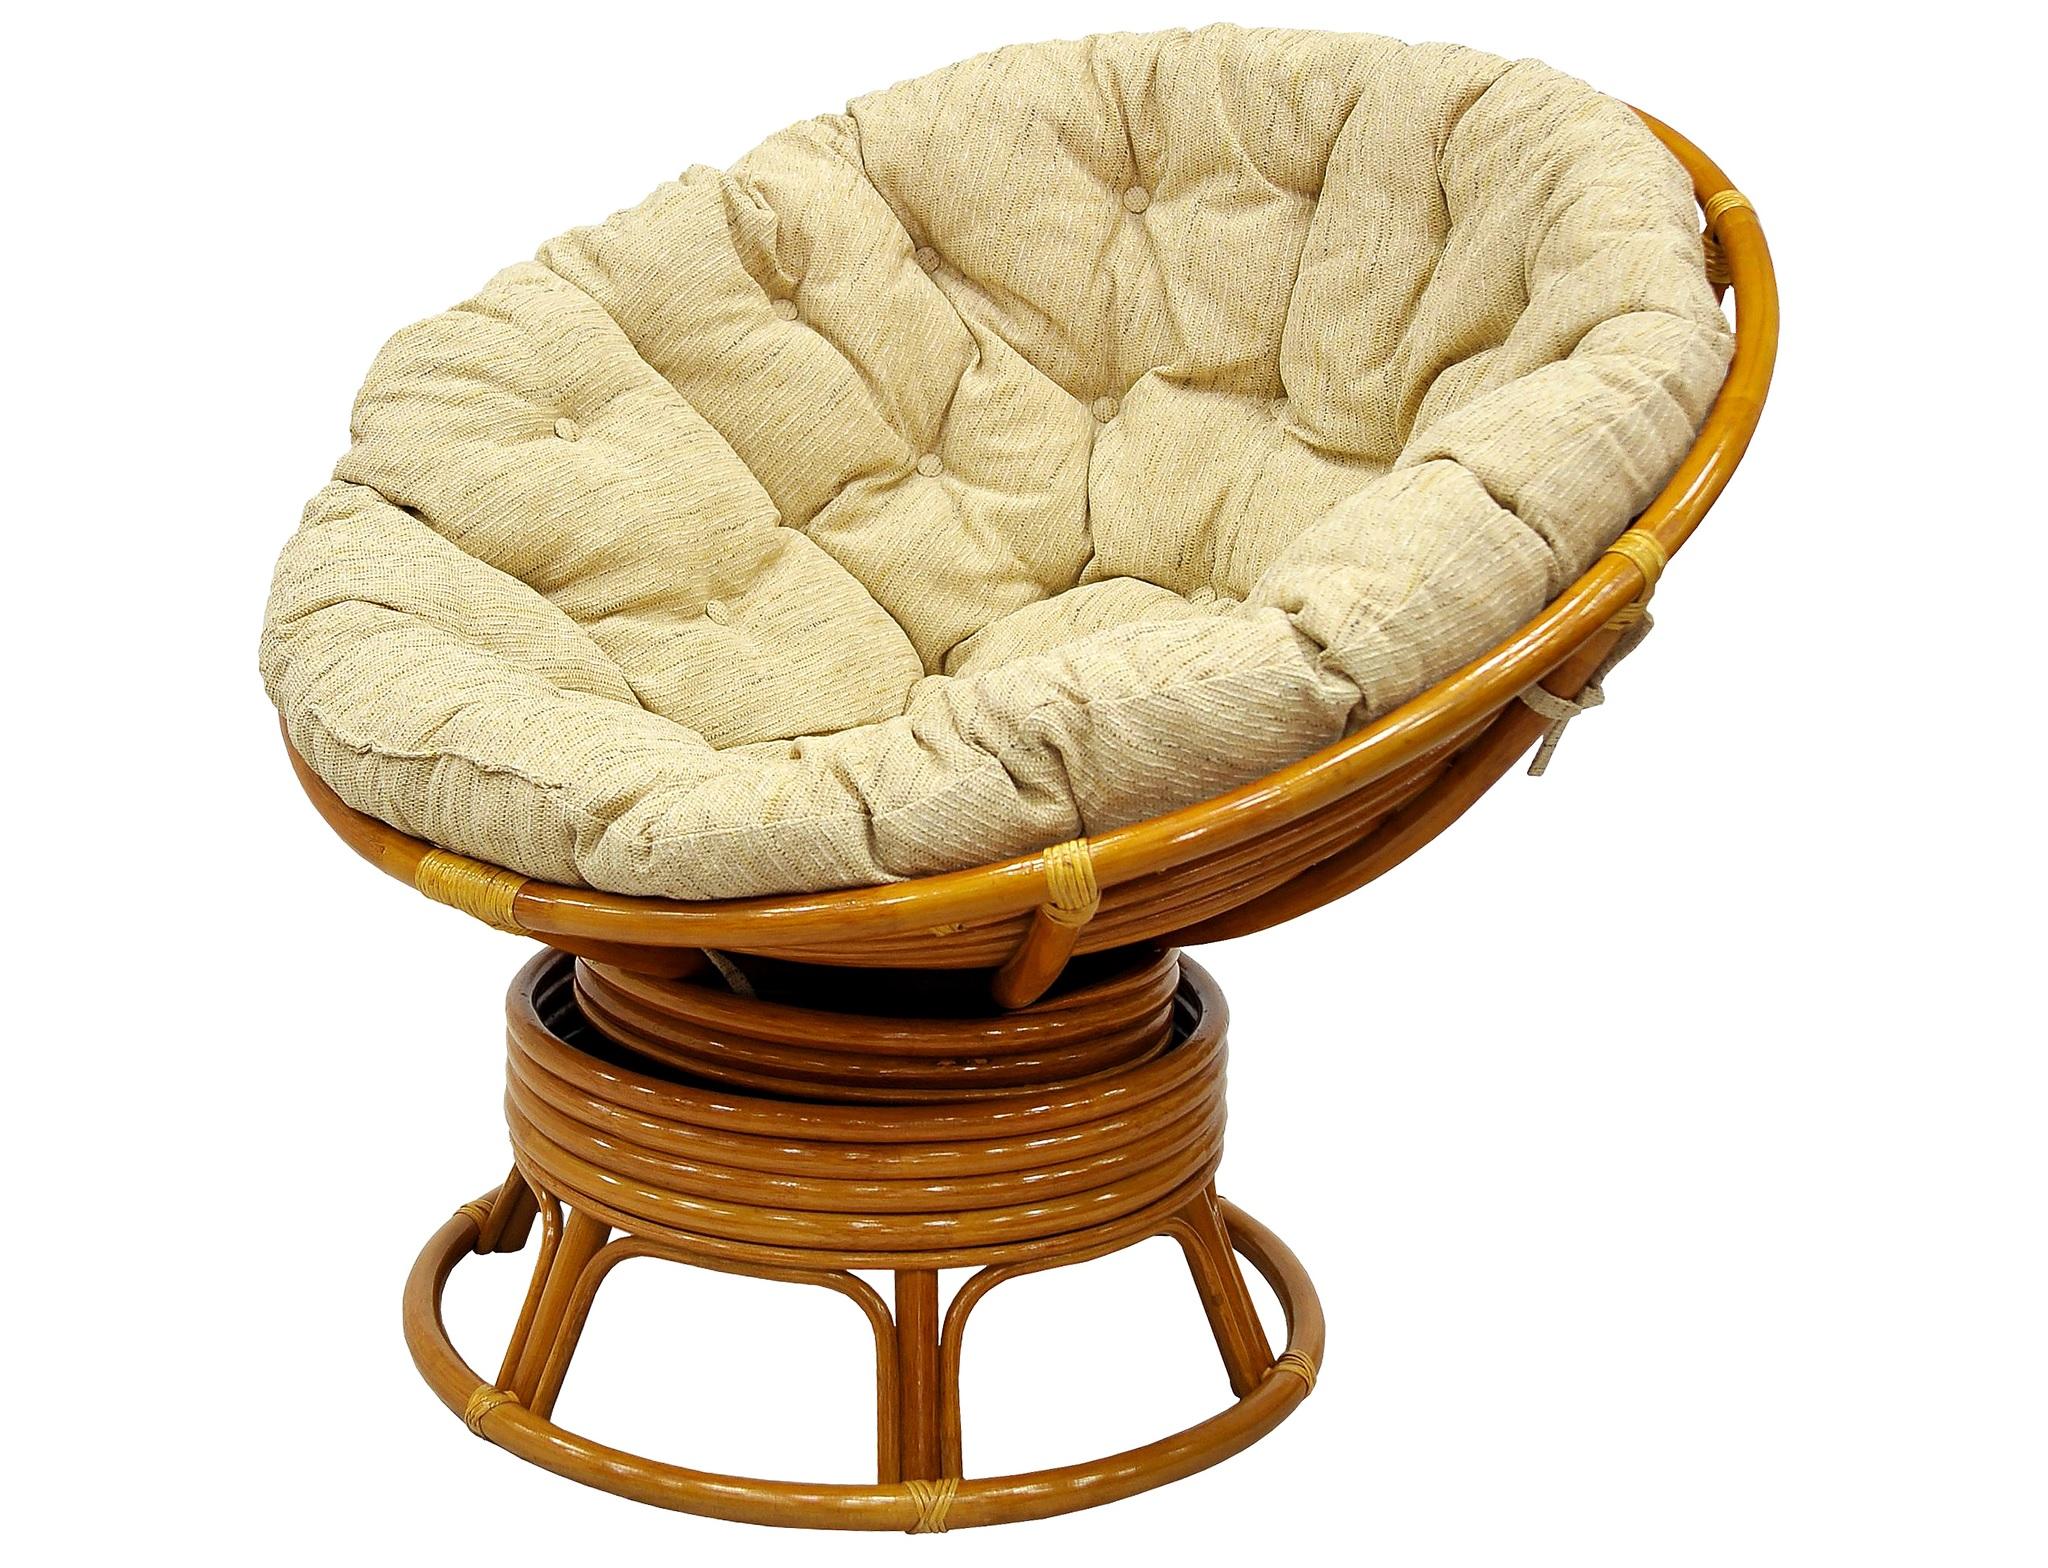 Кресло механическое PapasanКресла для сада<br>В кресло PAPASAN встроен специальный механизм с пружинами. Благодаря ему вы можете равномерно покачиваться и поворачиваться не вставая с кресла. Кресло выдерживает большой вес, оставаясь при этом легким и прочным. Идеально подходит при кормлении ребенка.&amp;lt;div&amp;gt;&amp;lt;br&amp;gt;&amp;lt;/div&amp;gt;&amp;lt;div&amp;gt;Материал: натуральный ротанг.&amp;lt;/div&amp;gt;&amp;lt;div&amp;gt;Материал подушки: рогожка /  шенилл (143).&amp;lt;/div&amp;gt;&amp;lt;div&amp;gt;Особенности: сборно-разборное, качается и вращается на 360 градусов.&amp;lt;/div&amp;gt;&amp;lt;div&amp;gt;Выдерживаемая нагрузка:  120 кг.&amp;lt;/div&amp;gt;<br><br>Material: Ротанг<br>Height см: 95<br>Diameter см: 115